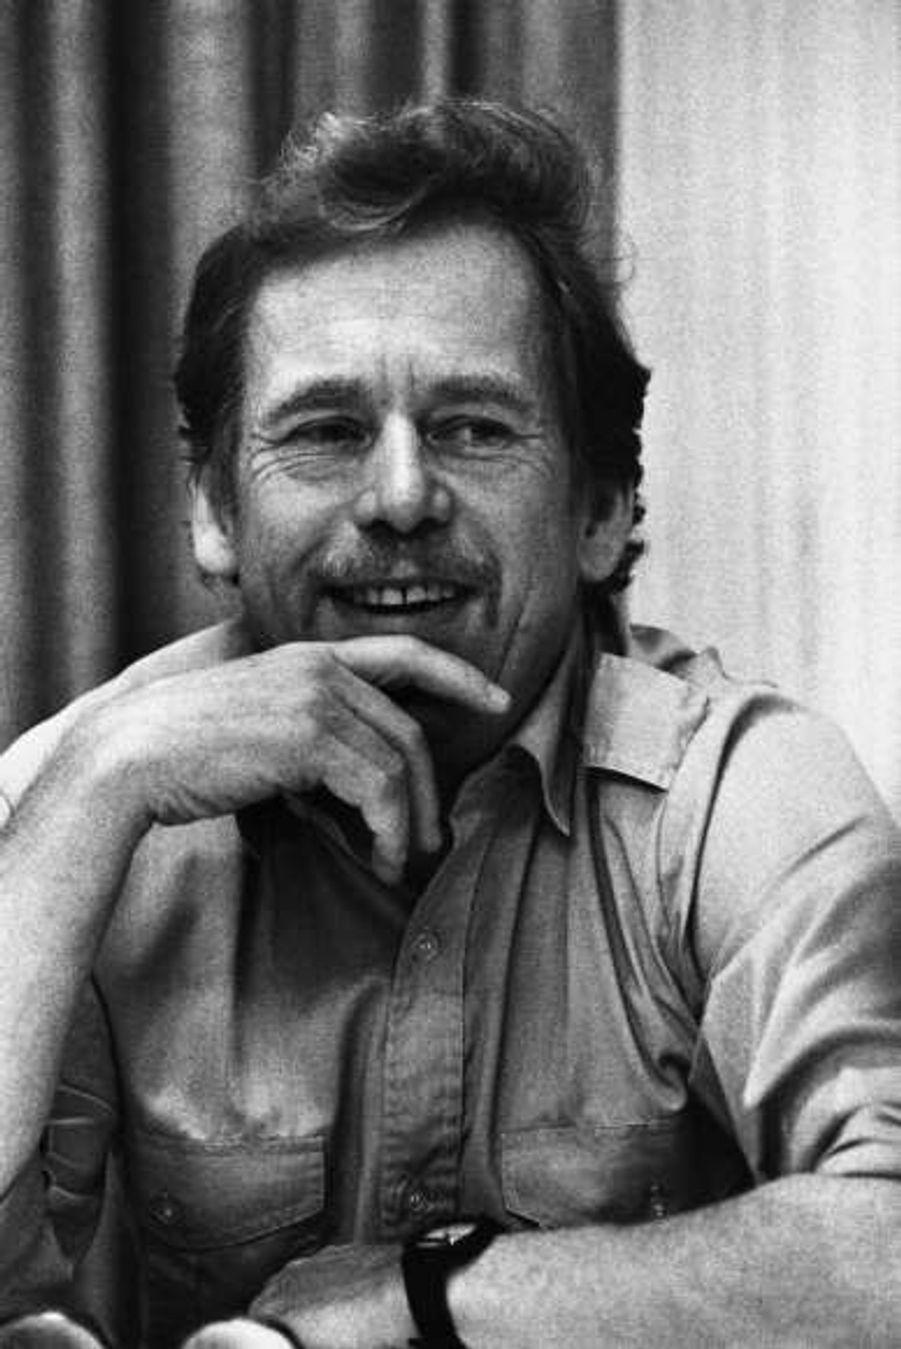 Dès l'âge de 19 ans, notre jeune Praguois entame une carrière de dramaturge. Ses premières pièces de théâtre absurdes et politiques lui valent de connaître quelques ennuis avec les autorités culturelles de son pays, mais c'est surtout après la répression du Printemps de Prague, en 1968 que le jeune écrivain devient une vraie figure de la dissidence. Censuré pour ses pièces, il devient en 1977 l'un des co-fondateurs de la Charte 77, une pétition qui exige du gouvernement du président Gustav Husak de respecter les droits de l'Homme et d'avancer sur le chemin de la démocratie. Emprisonné cinq ans pour son combat politique, Vaclav Havel ne cessera dès lors de combattre le totalitarisme, en Tchécoslovaquie et au-delà.